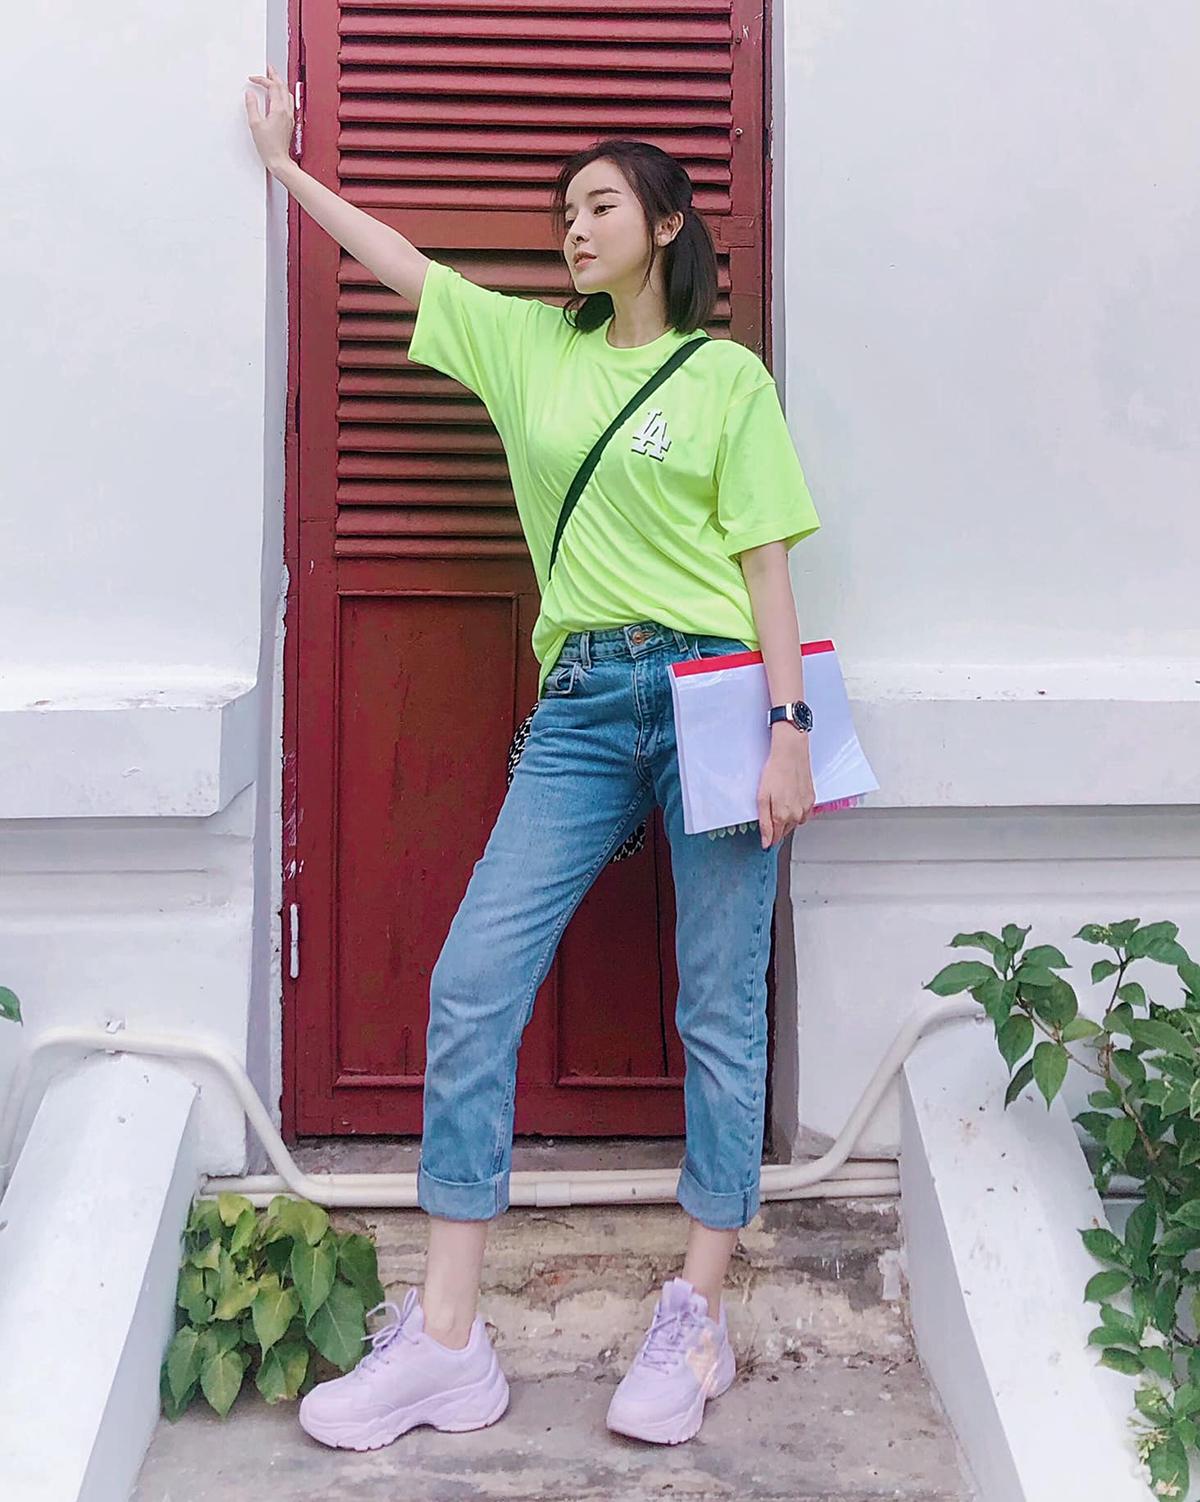 Nhiều hình ảnh của Cao Thái Hà không khác gì những cô sinh viên khỏe khoắn.